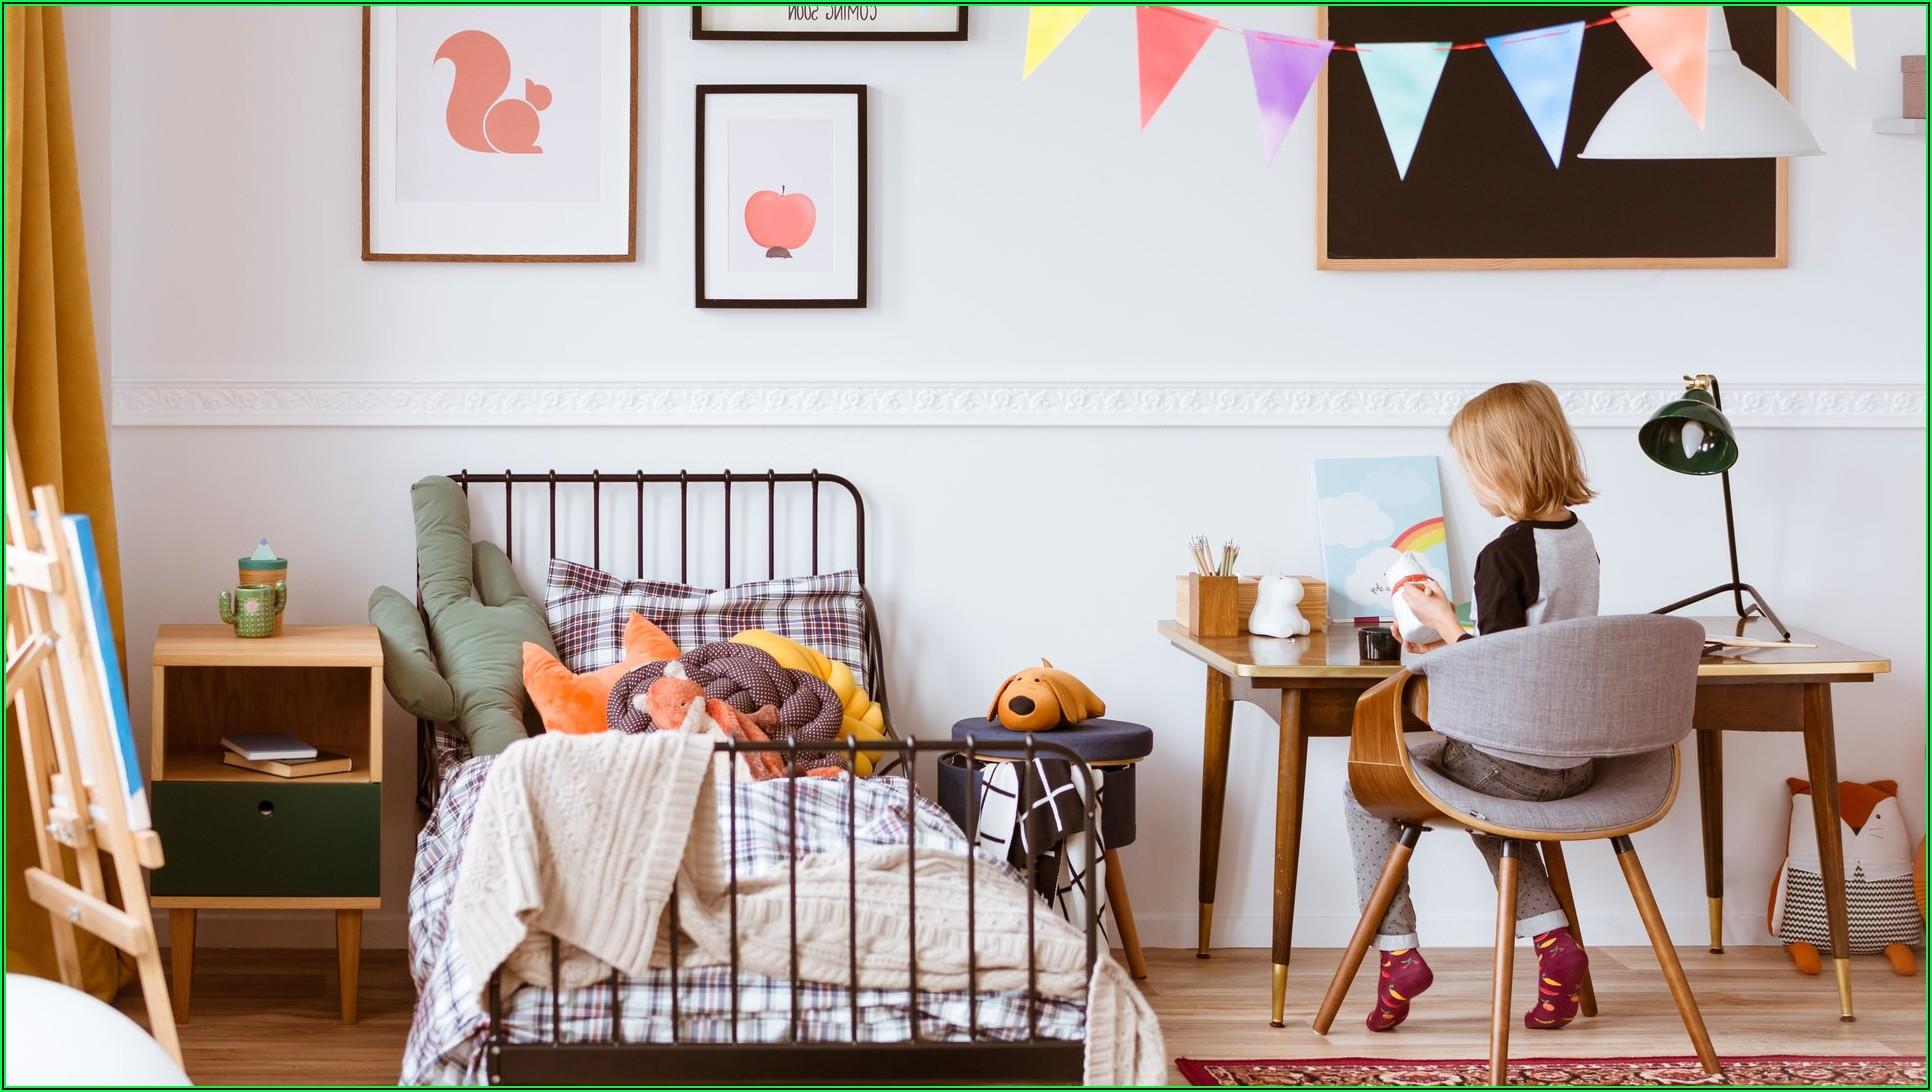 Welchen Boden Habt Ihr Im Kinderzimmer